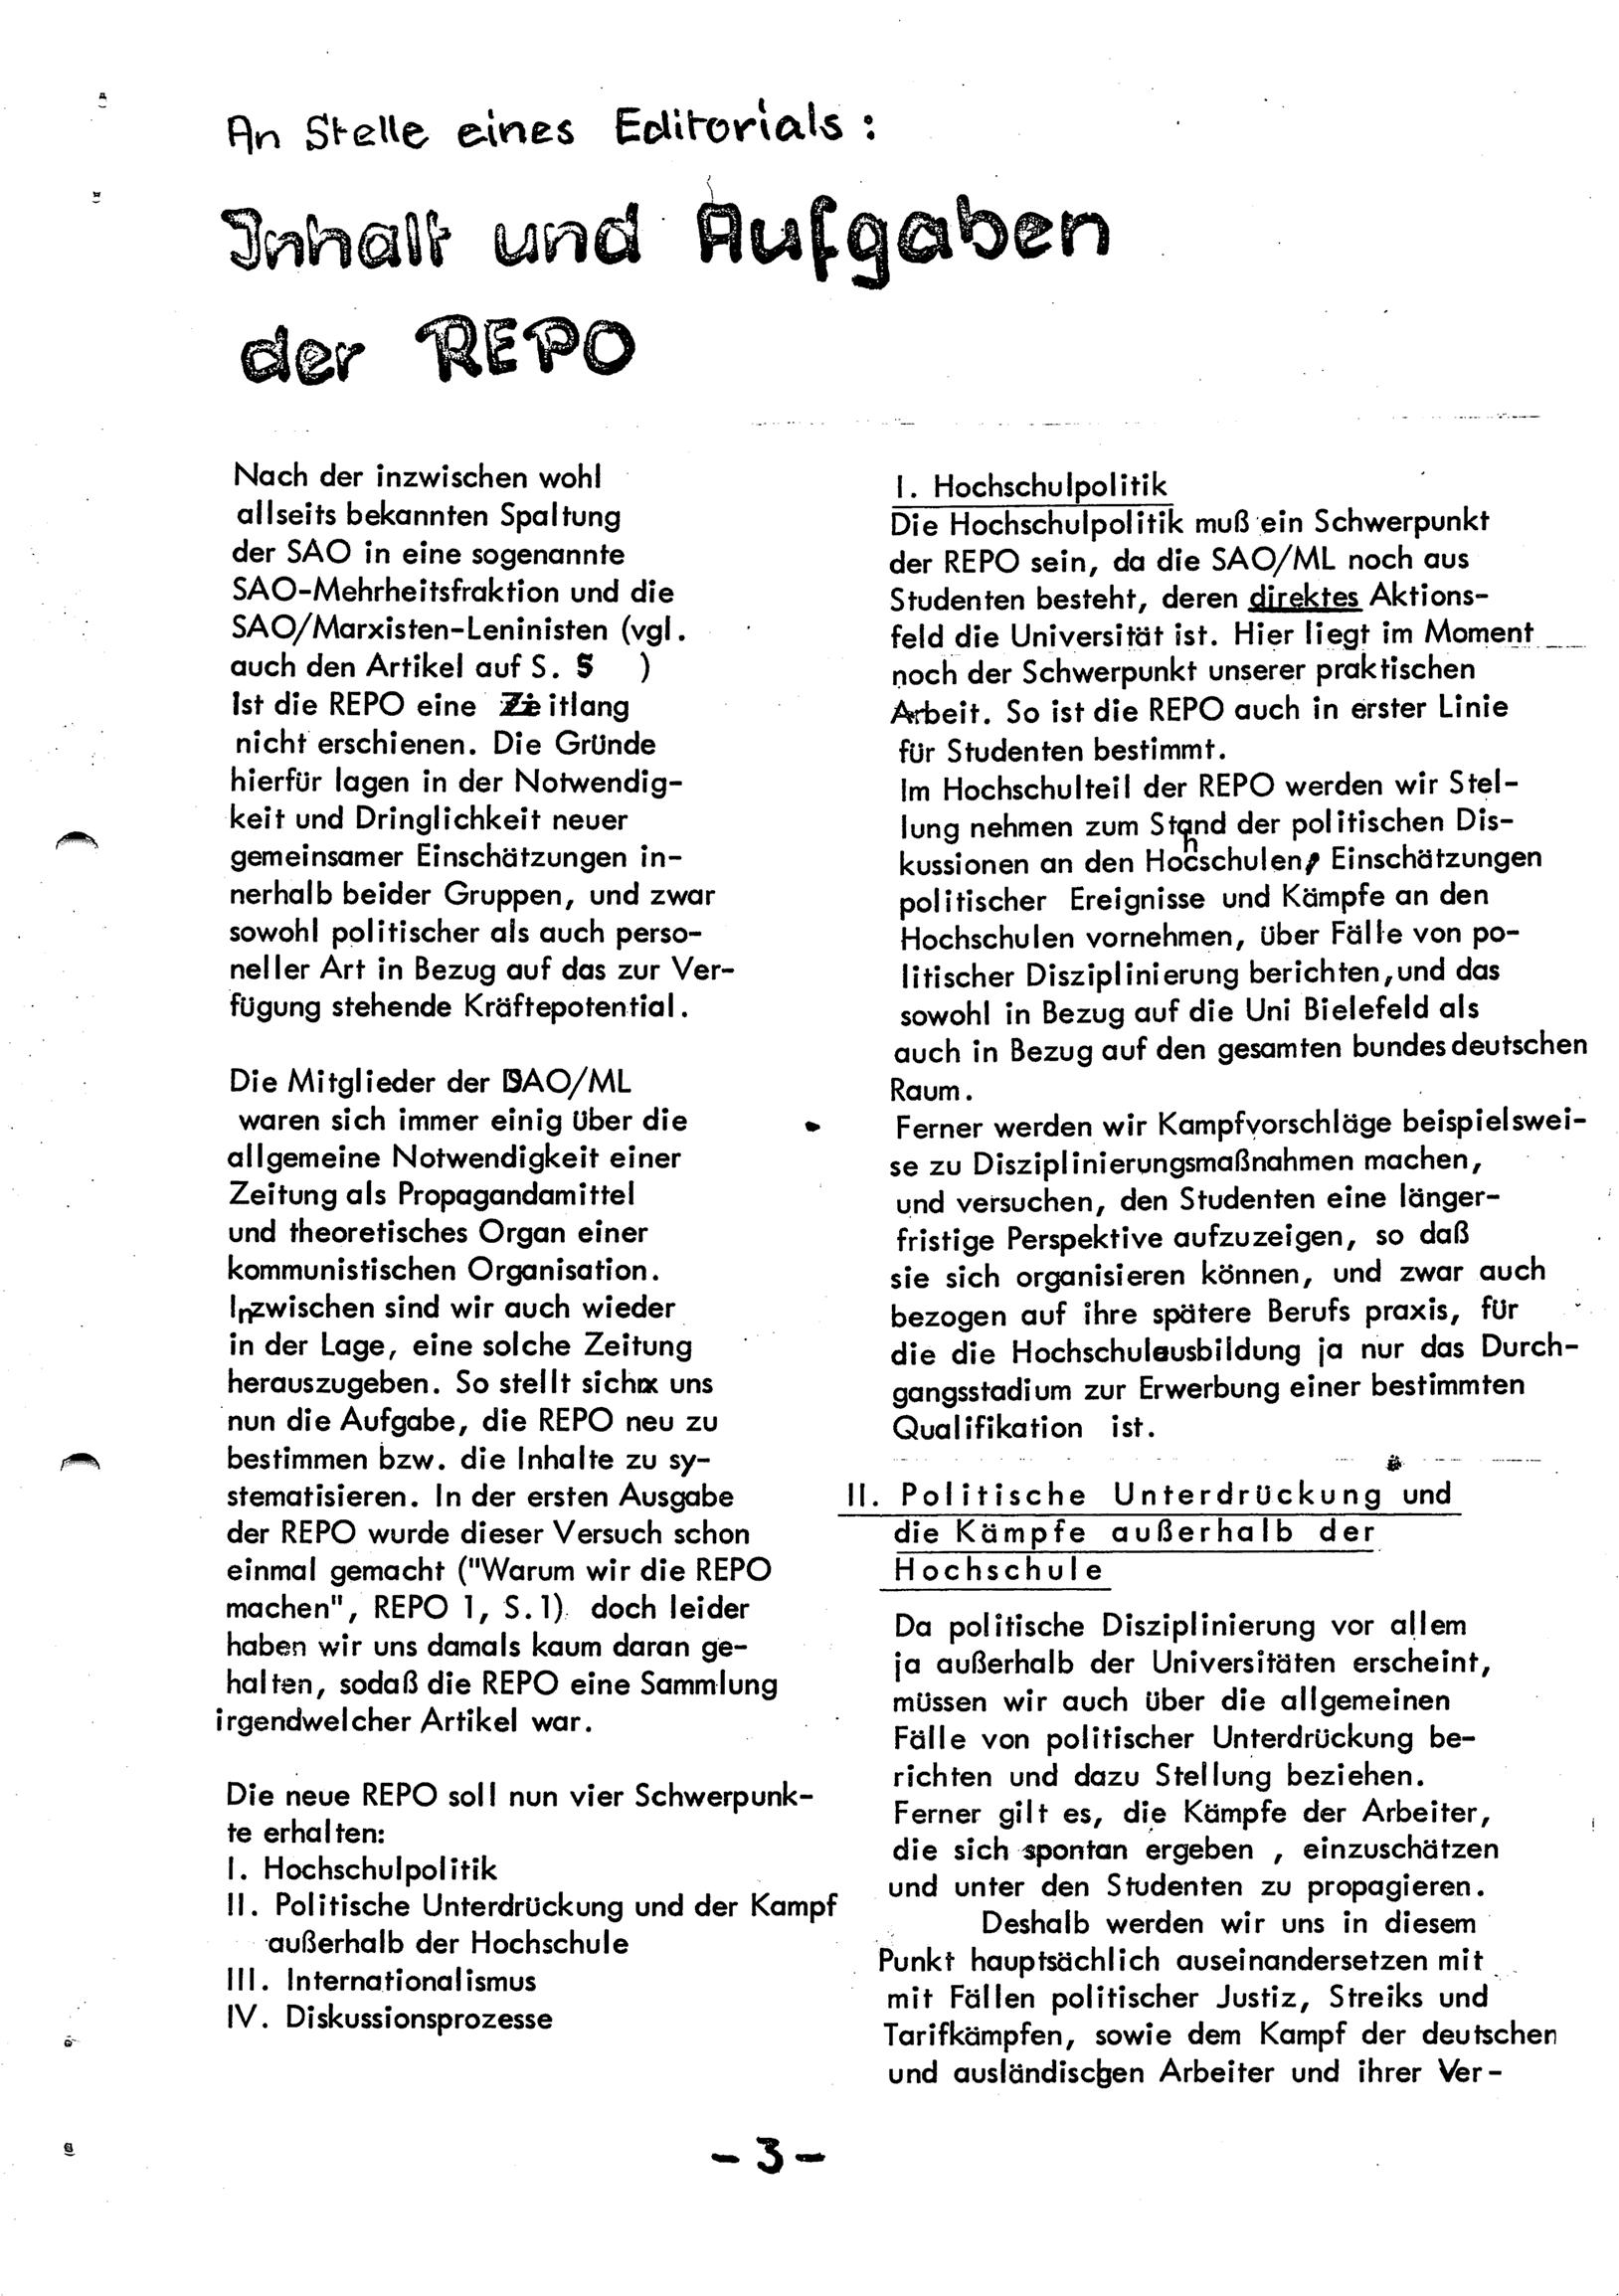 Bielefeld_SAO051